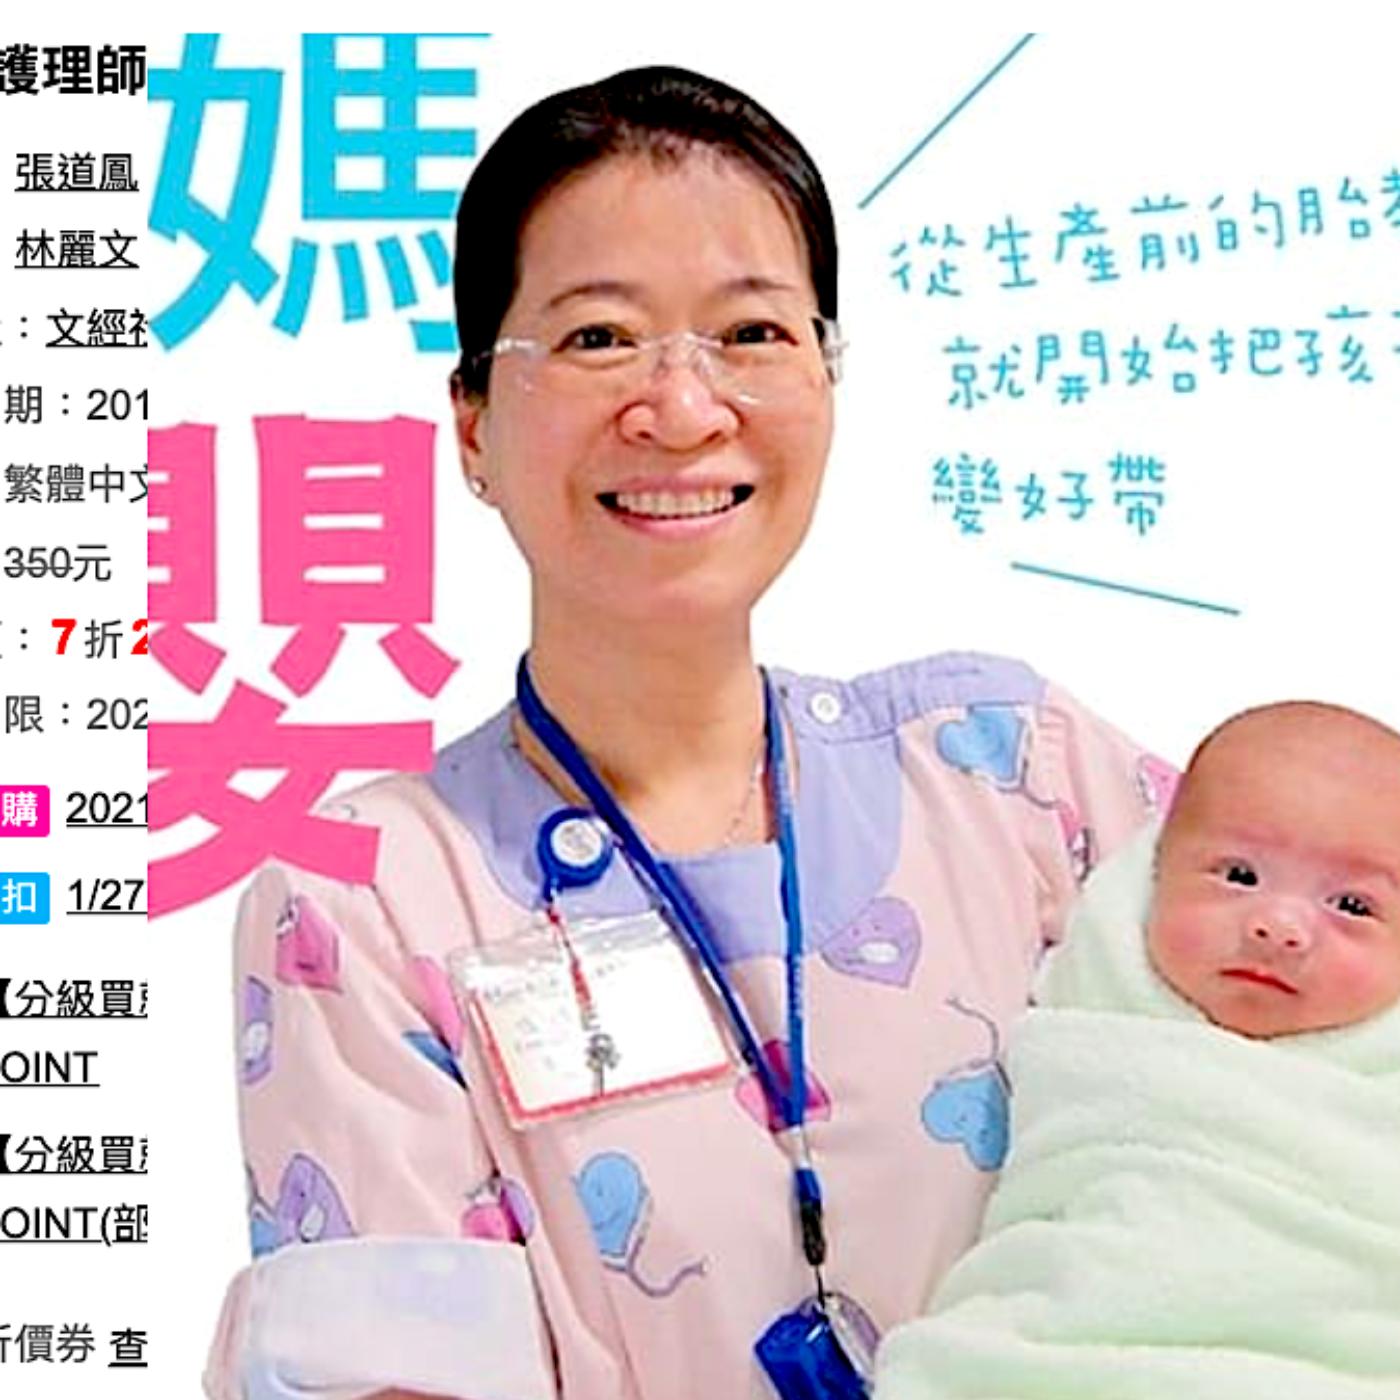 輕鬆育嬰2.0 #001